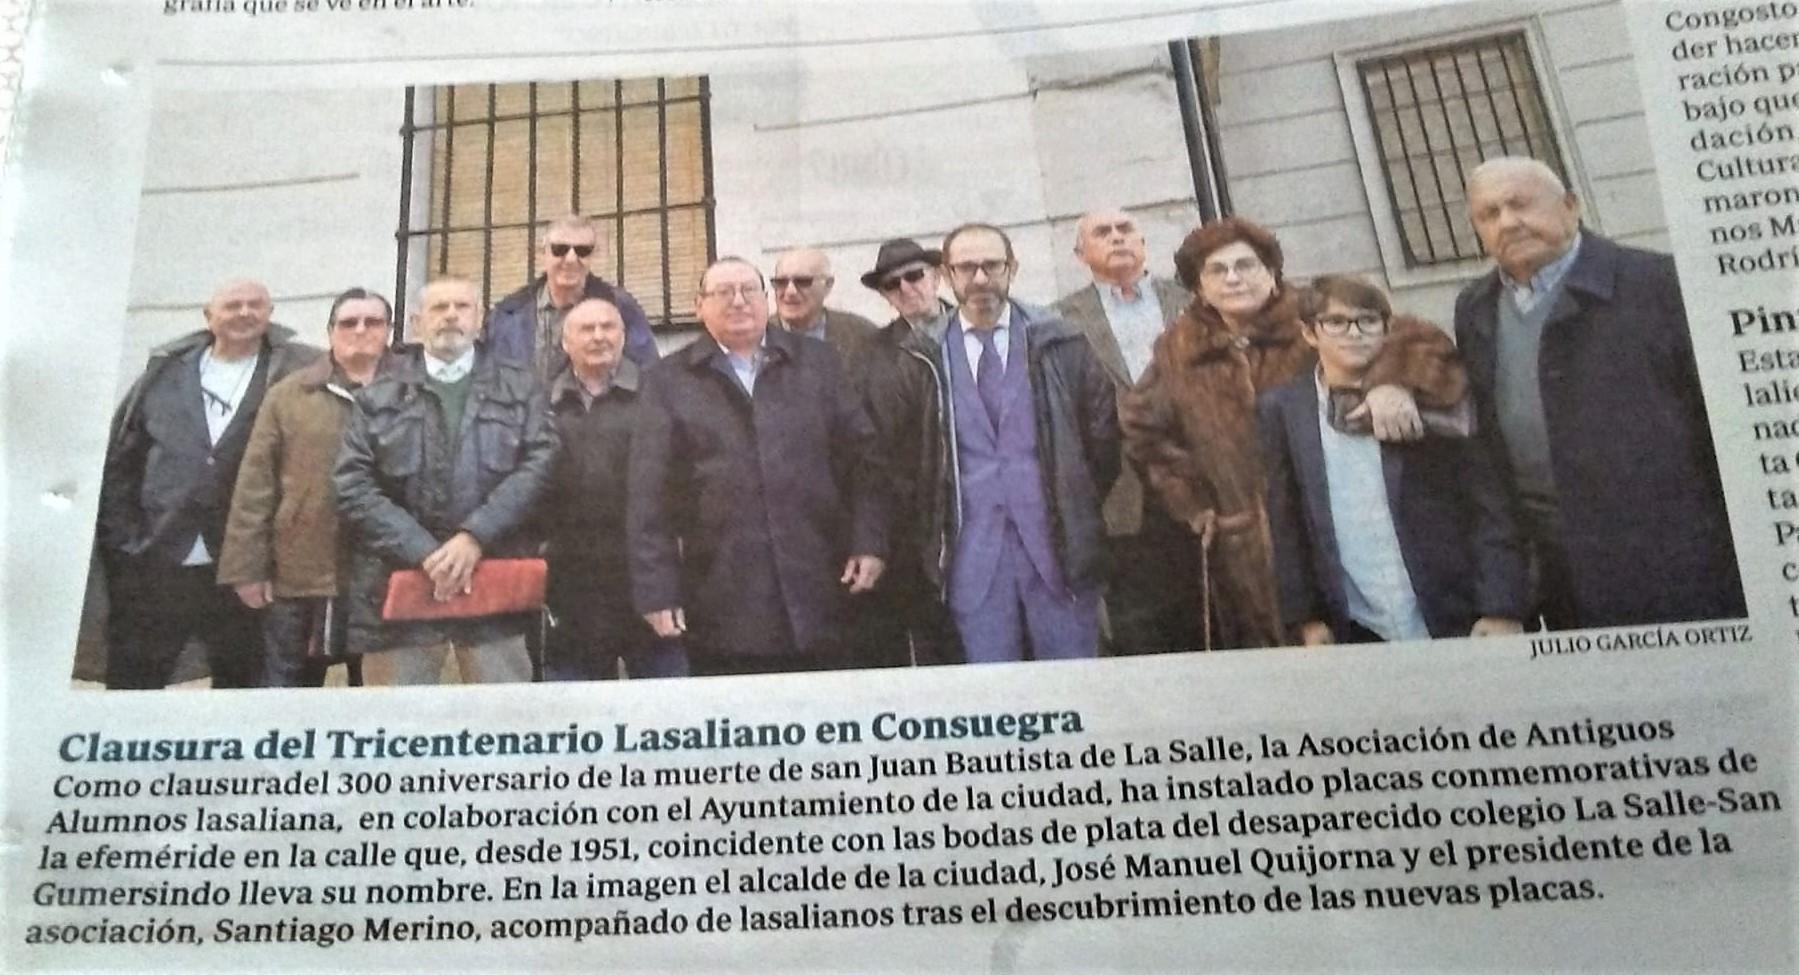 CLAUSURA DEL 300A EN CONSUEGRA